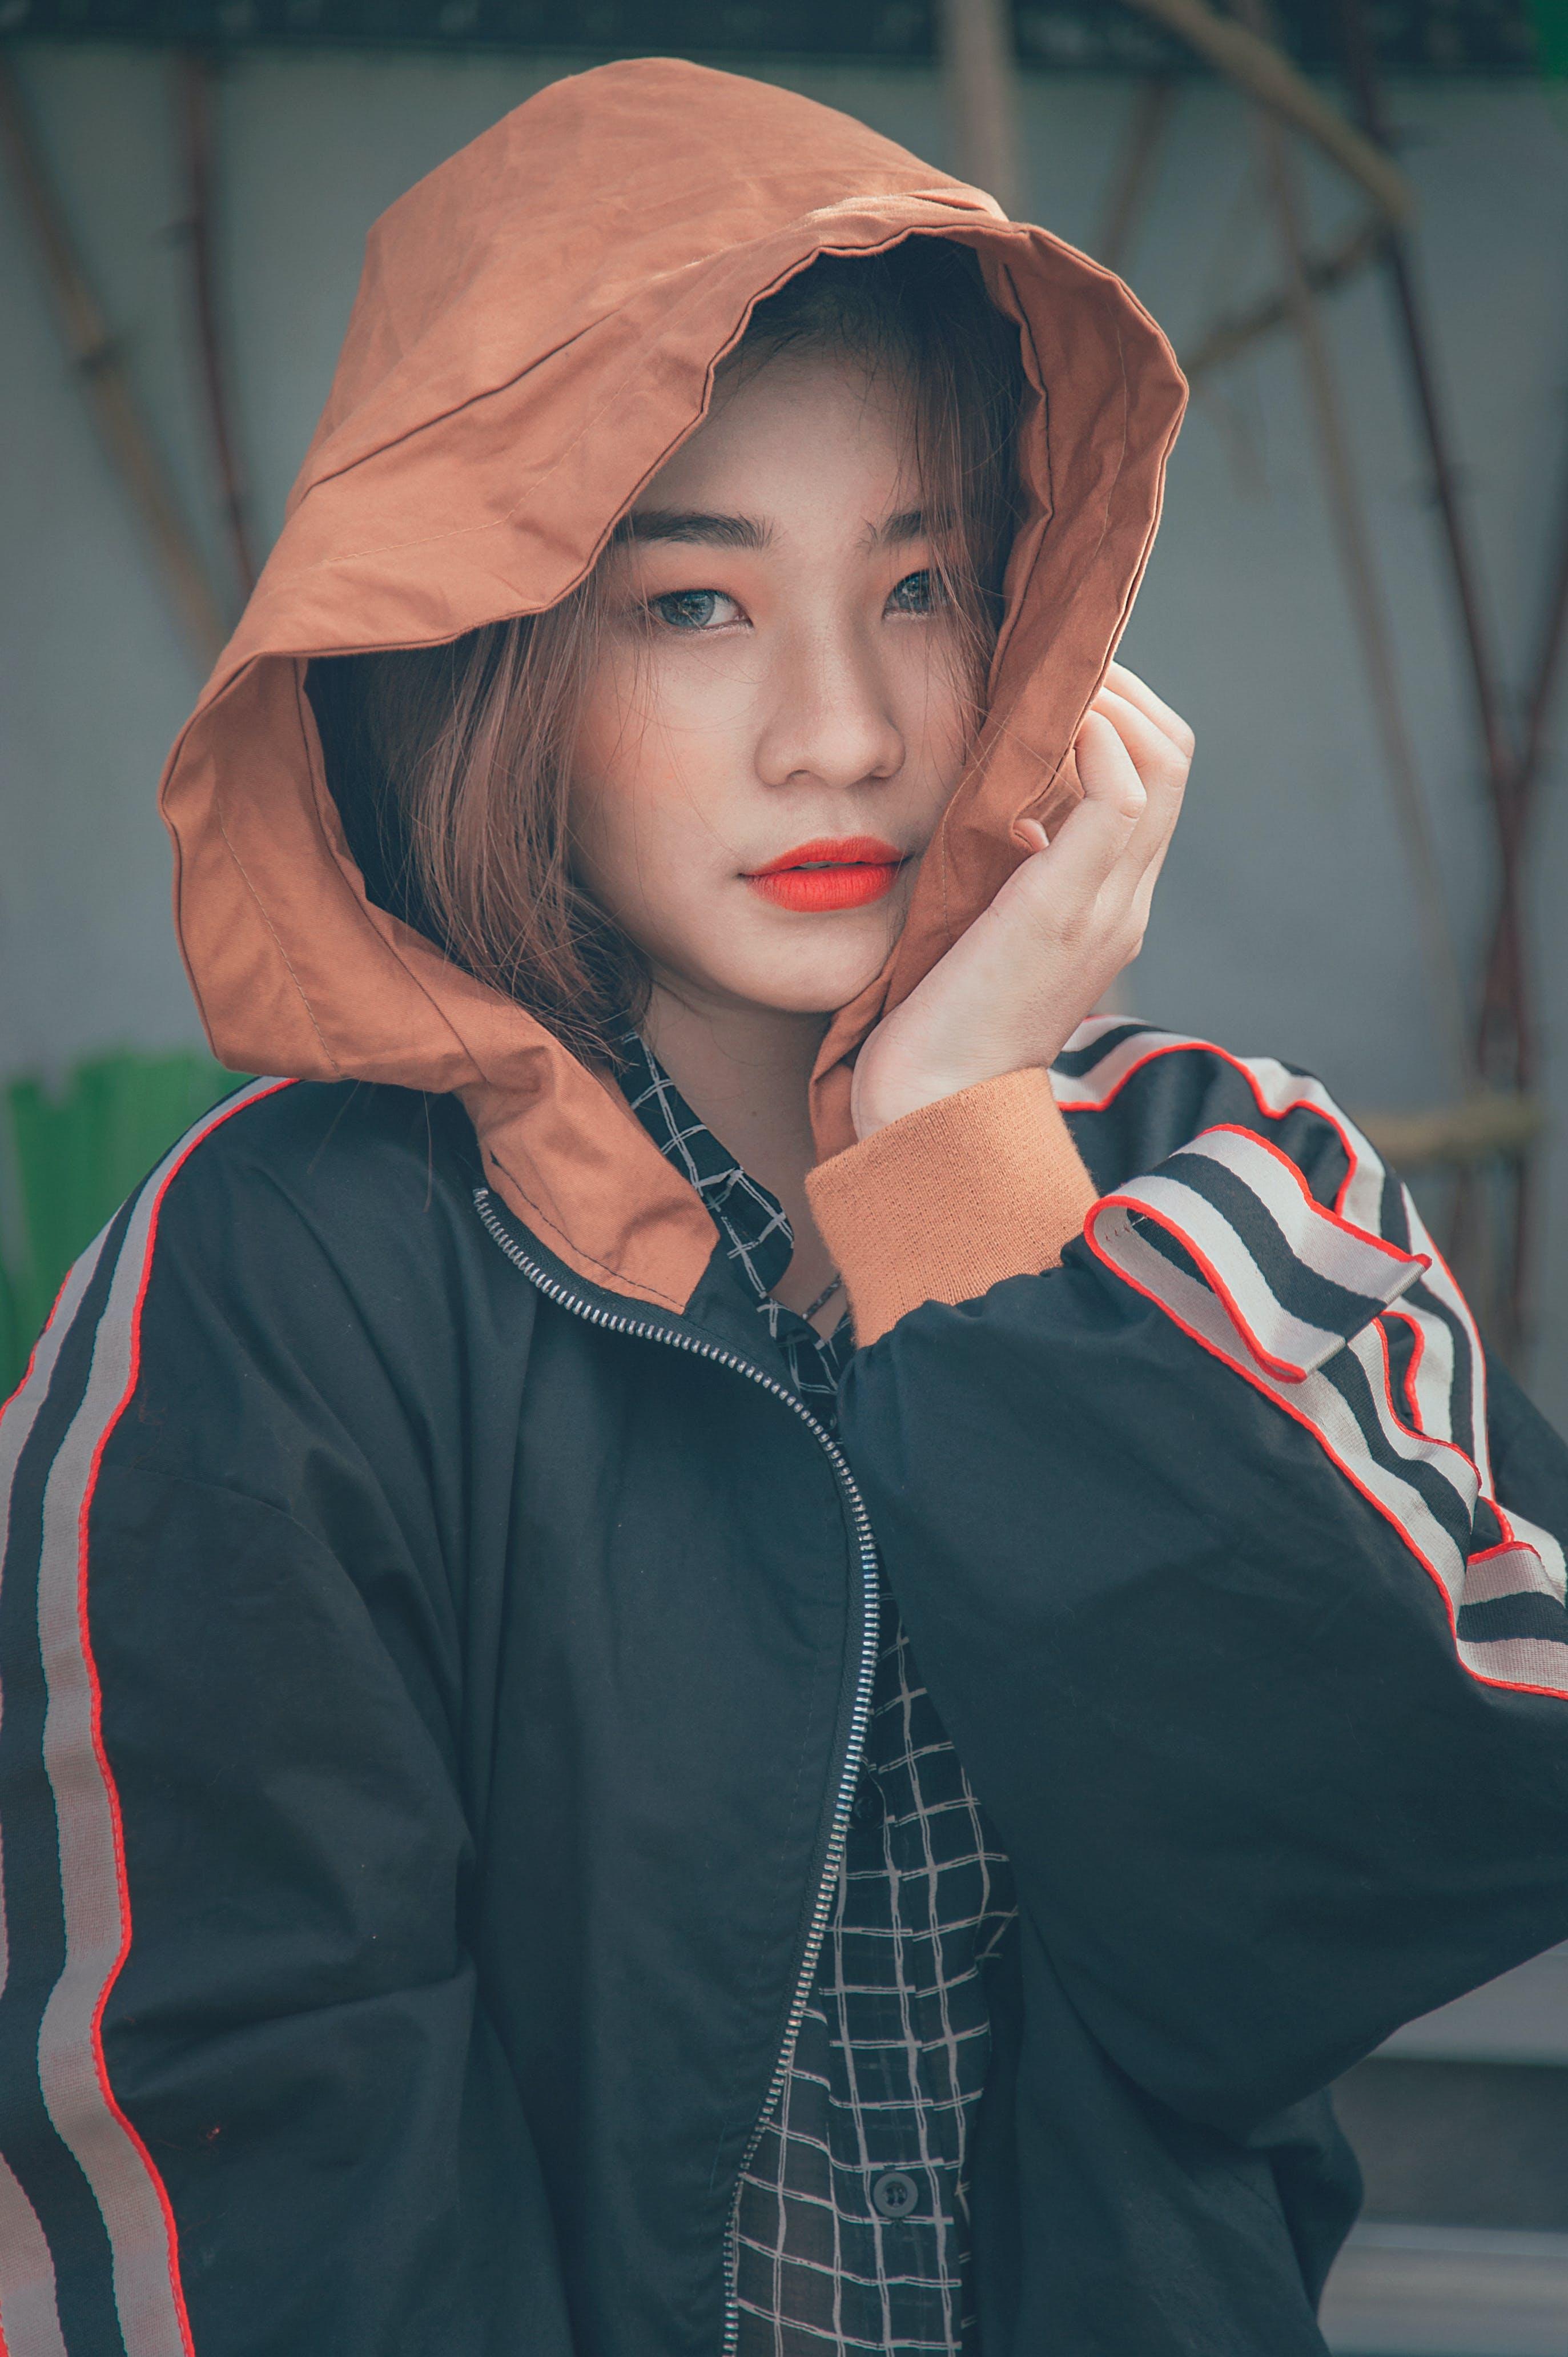 Woman in Black and Orange Zip-up Hoodie